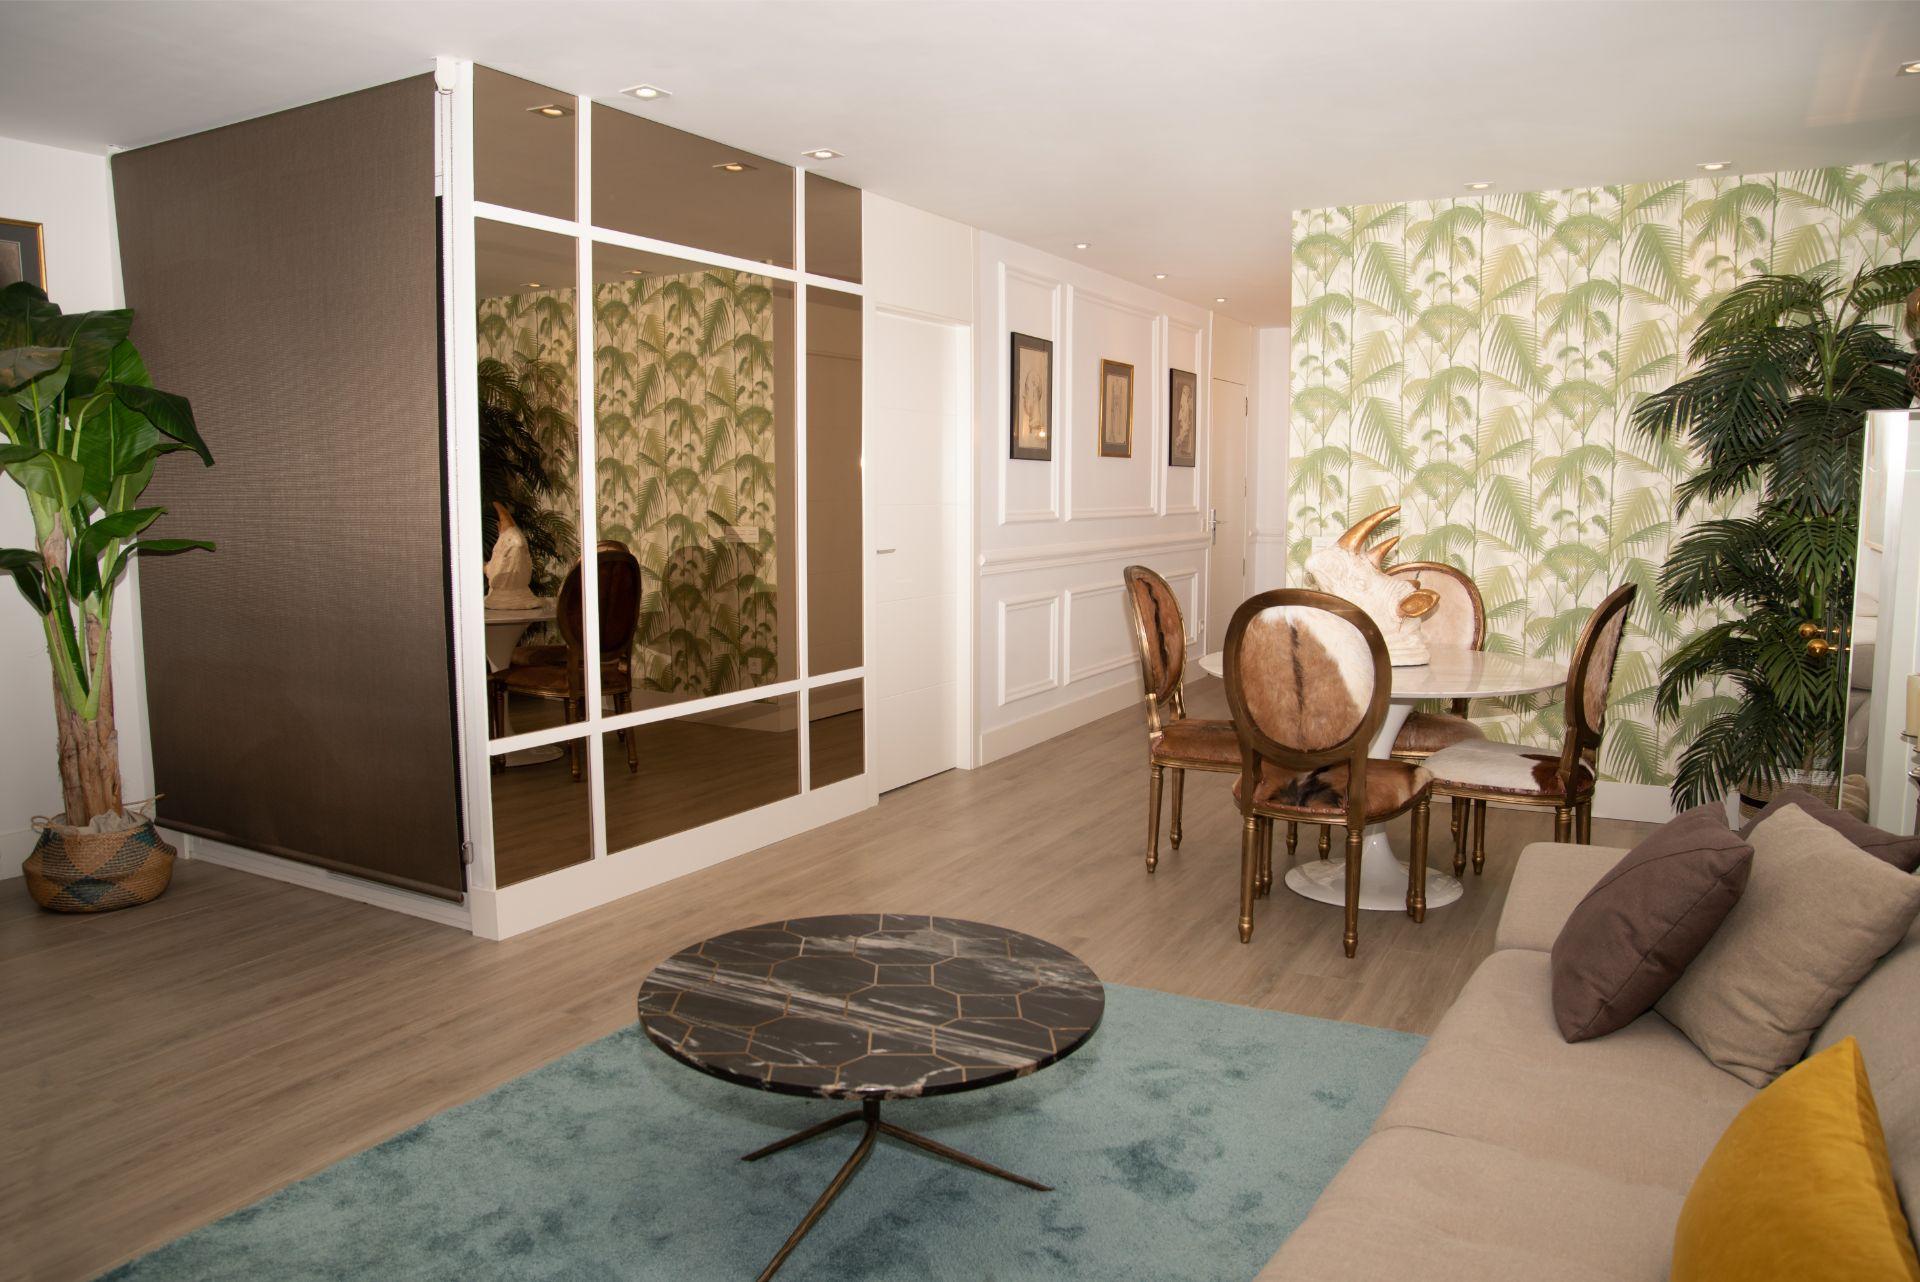 proyecto-interiorismo-interioristas-viviendas-particulares-casas-chalets-diseno-15